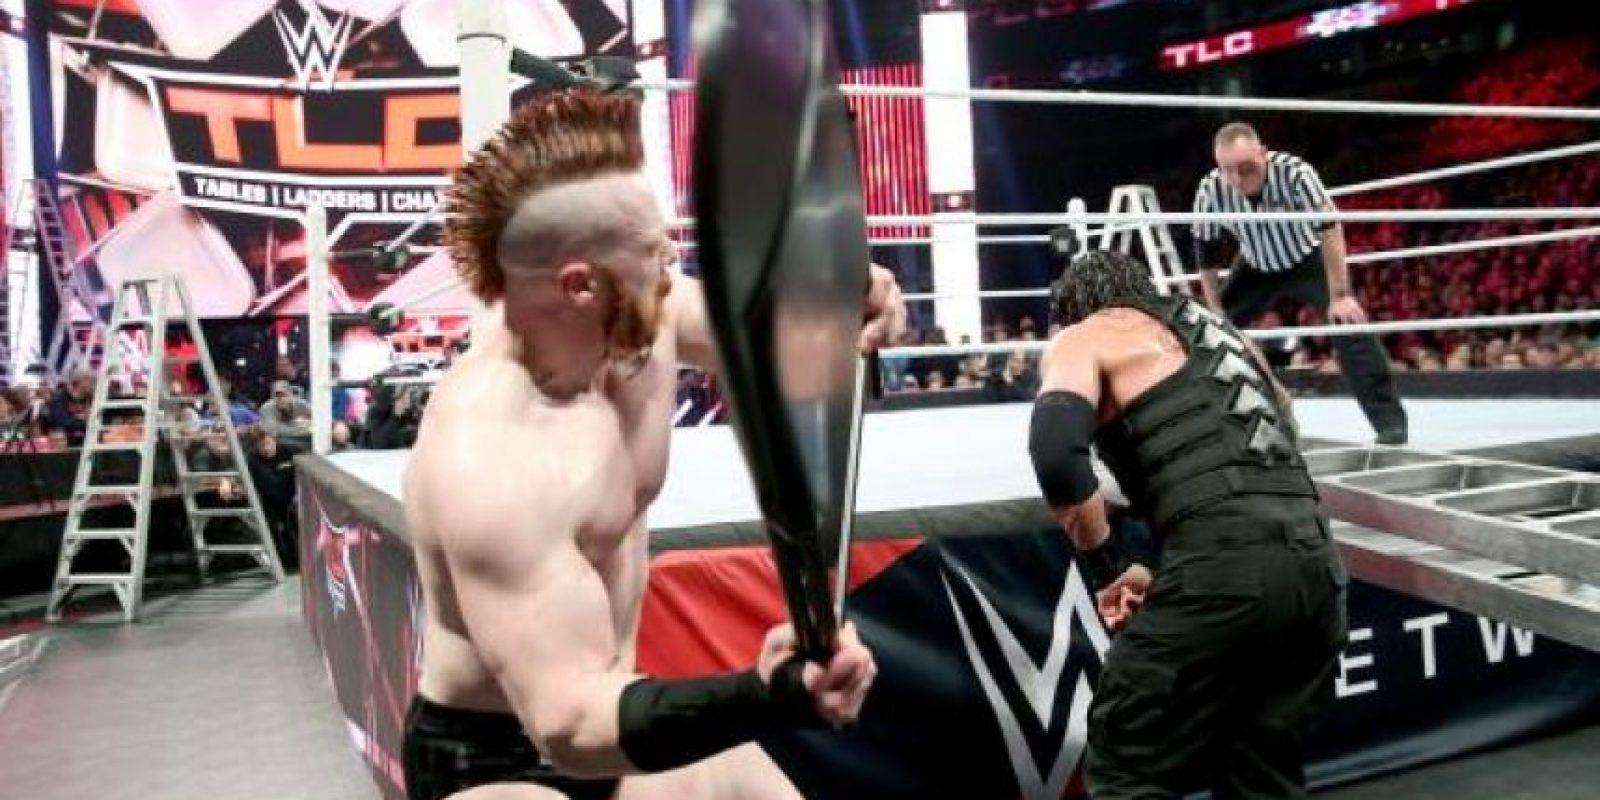 Sheamus venció a Roman Reigns y retuvo el Campeonato Mundial de Peso Pesado de la WWE Foto:WWE